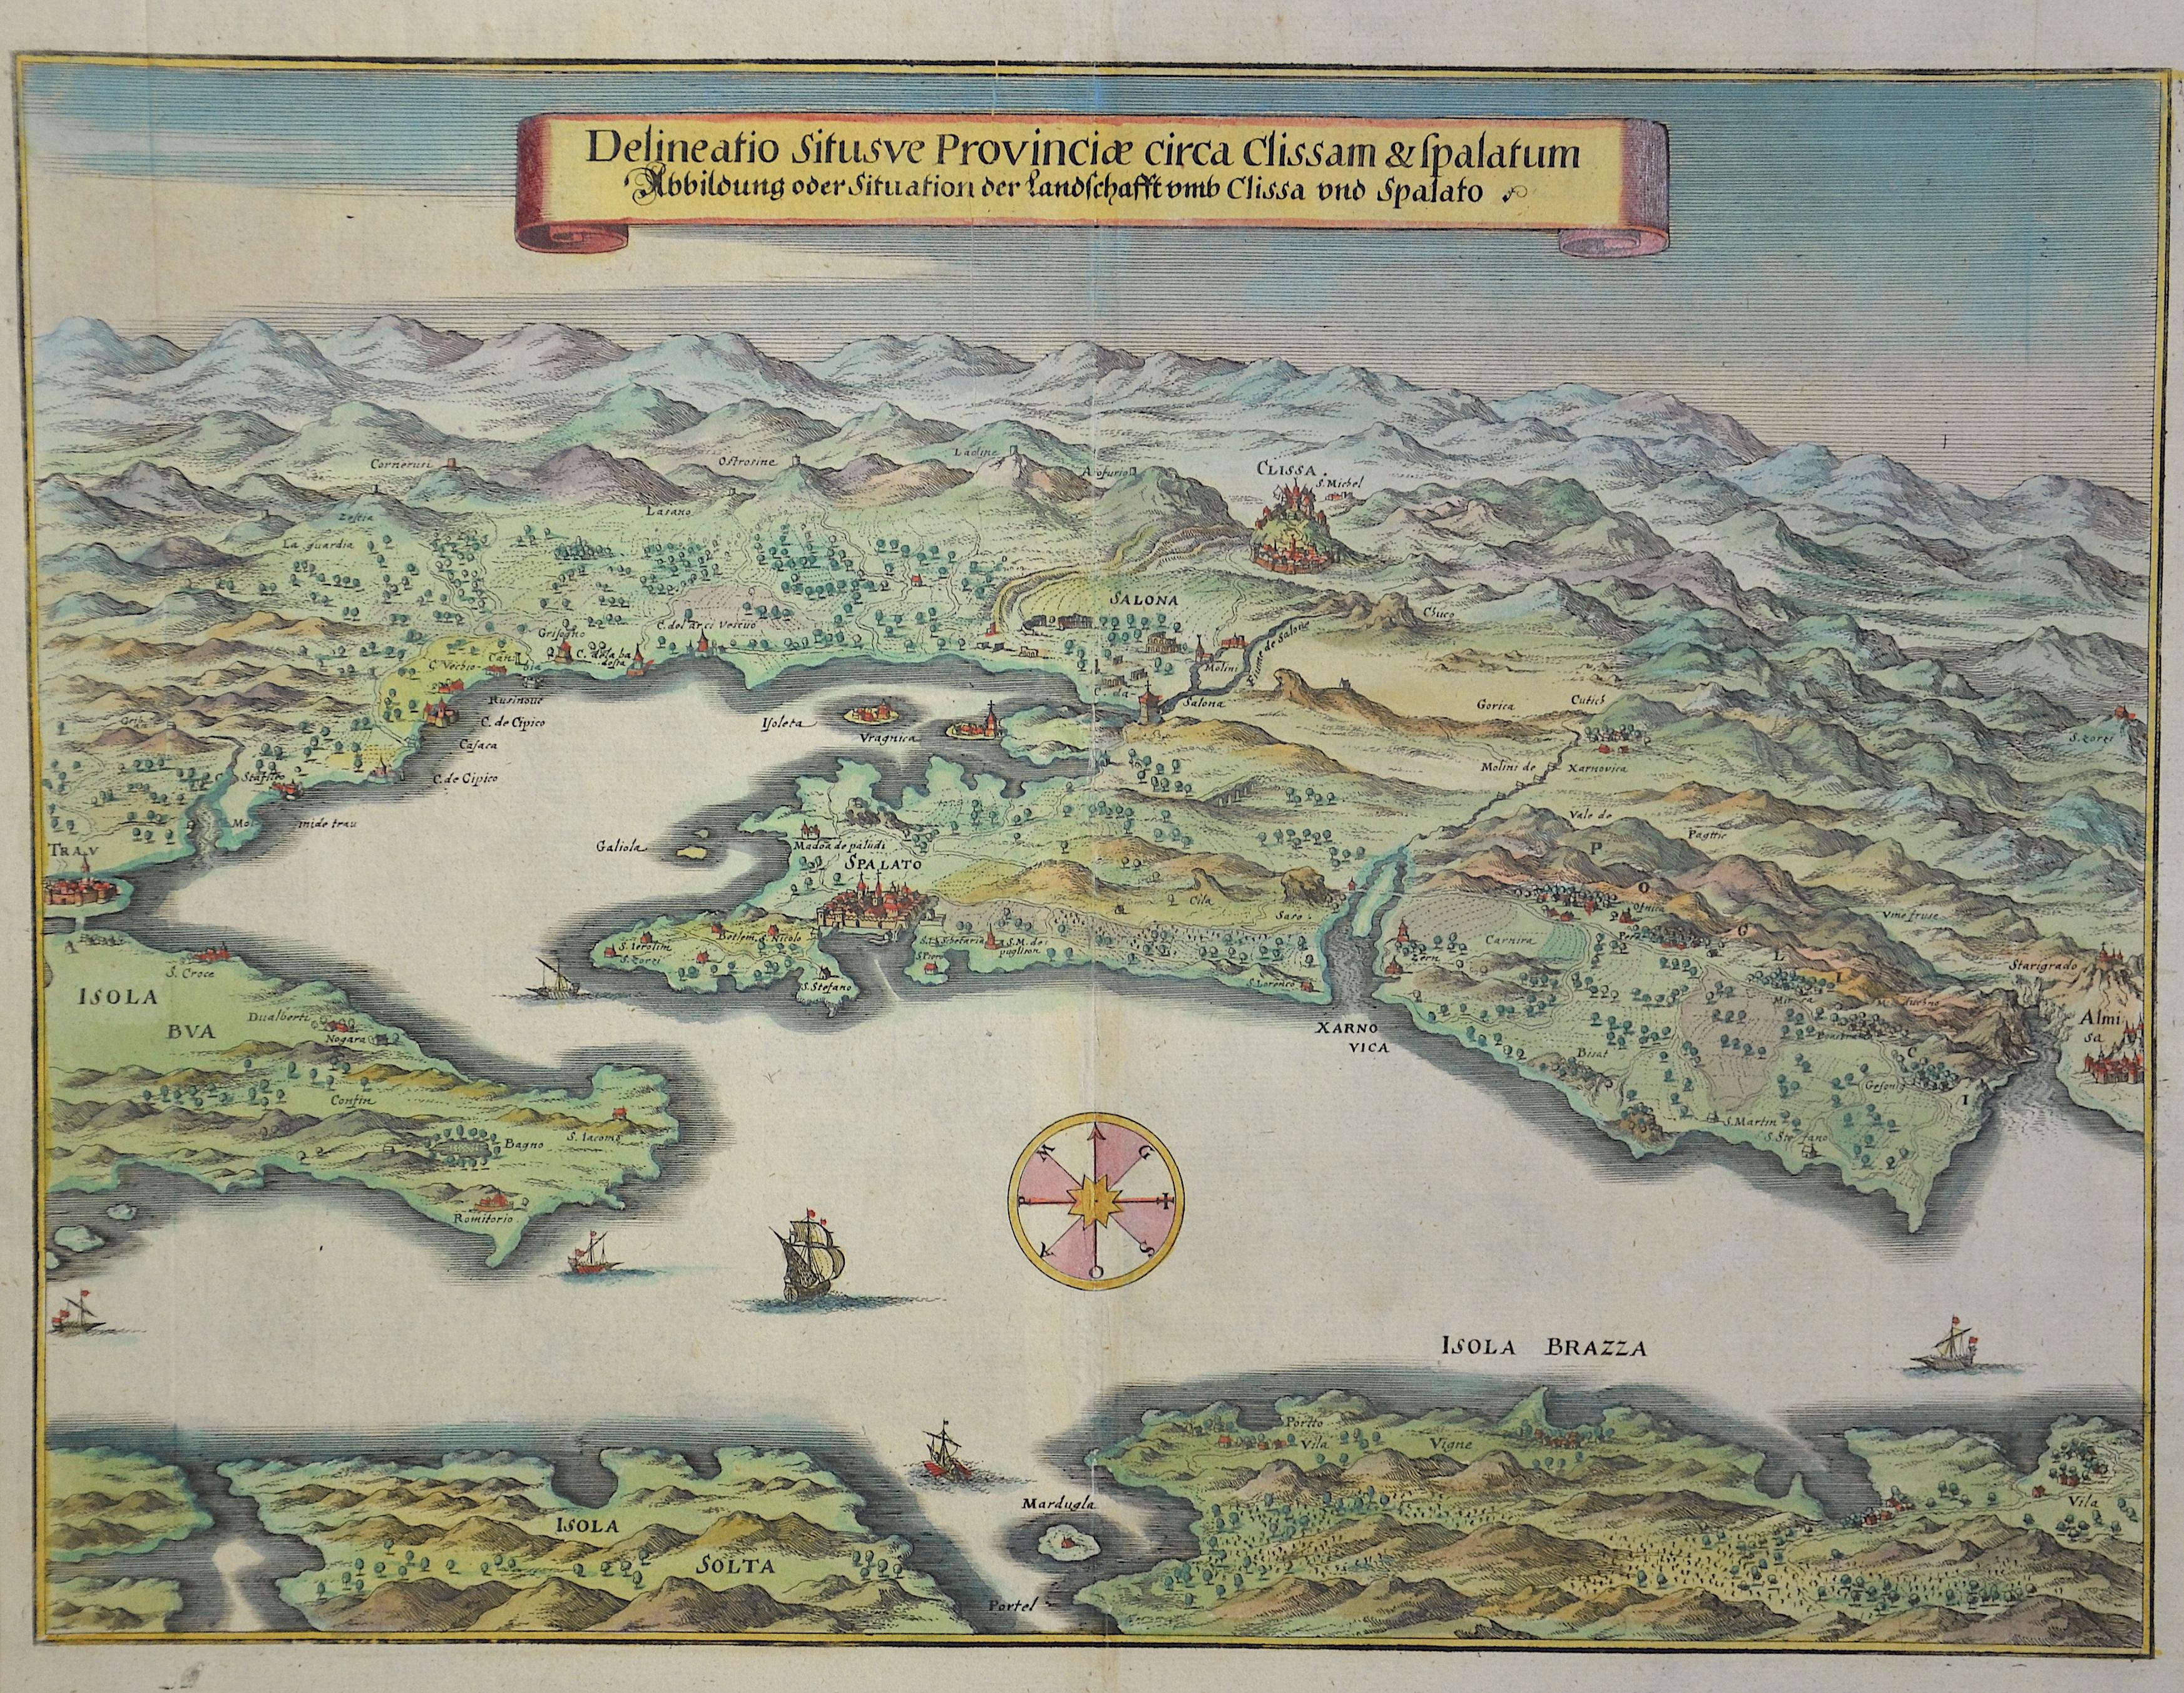 Merian  Delineation situsve Provinciae circa Clissam & Spalatum , Abbildung oder Situation der Landschafft umb Clissa und Spalato